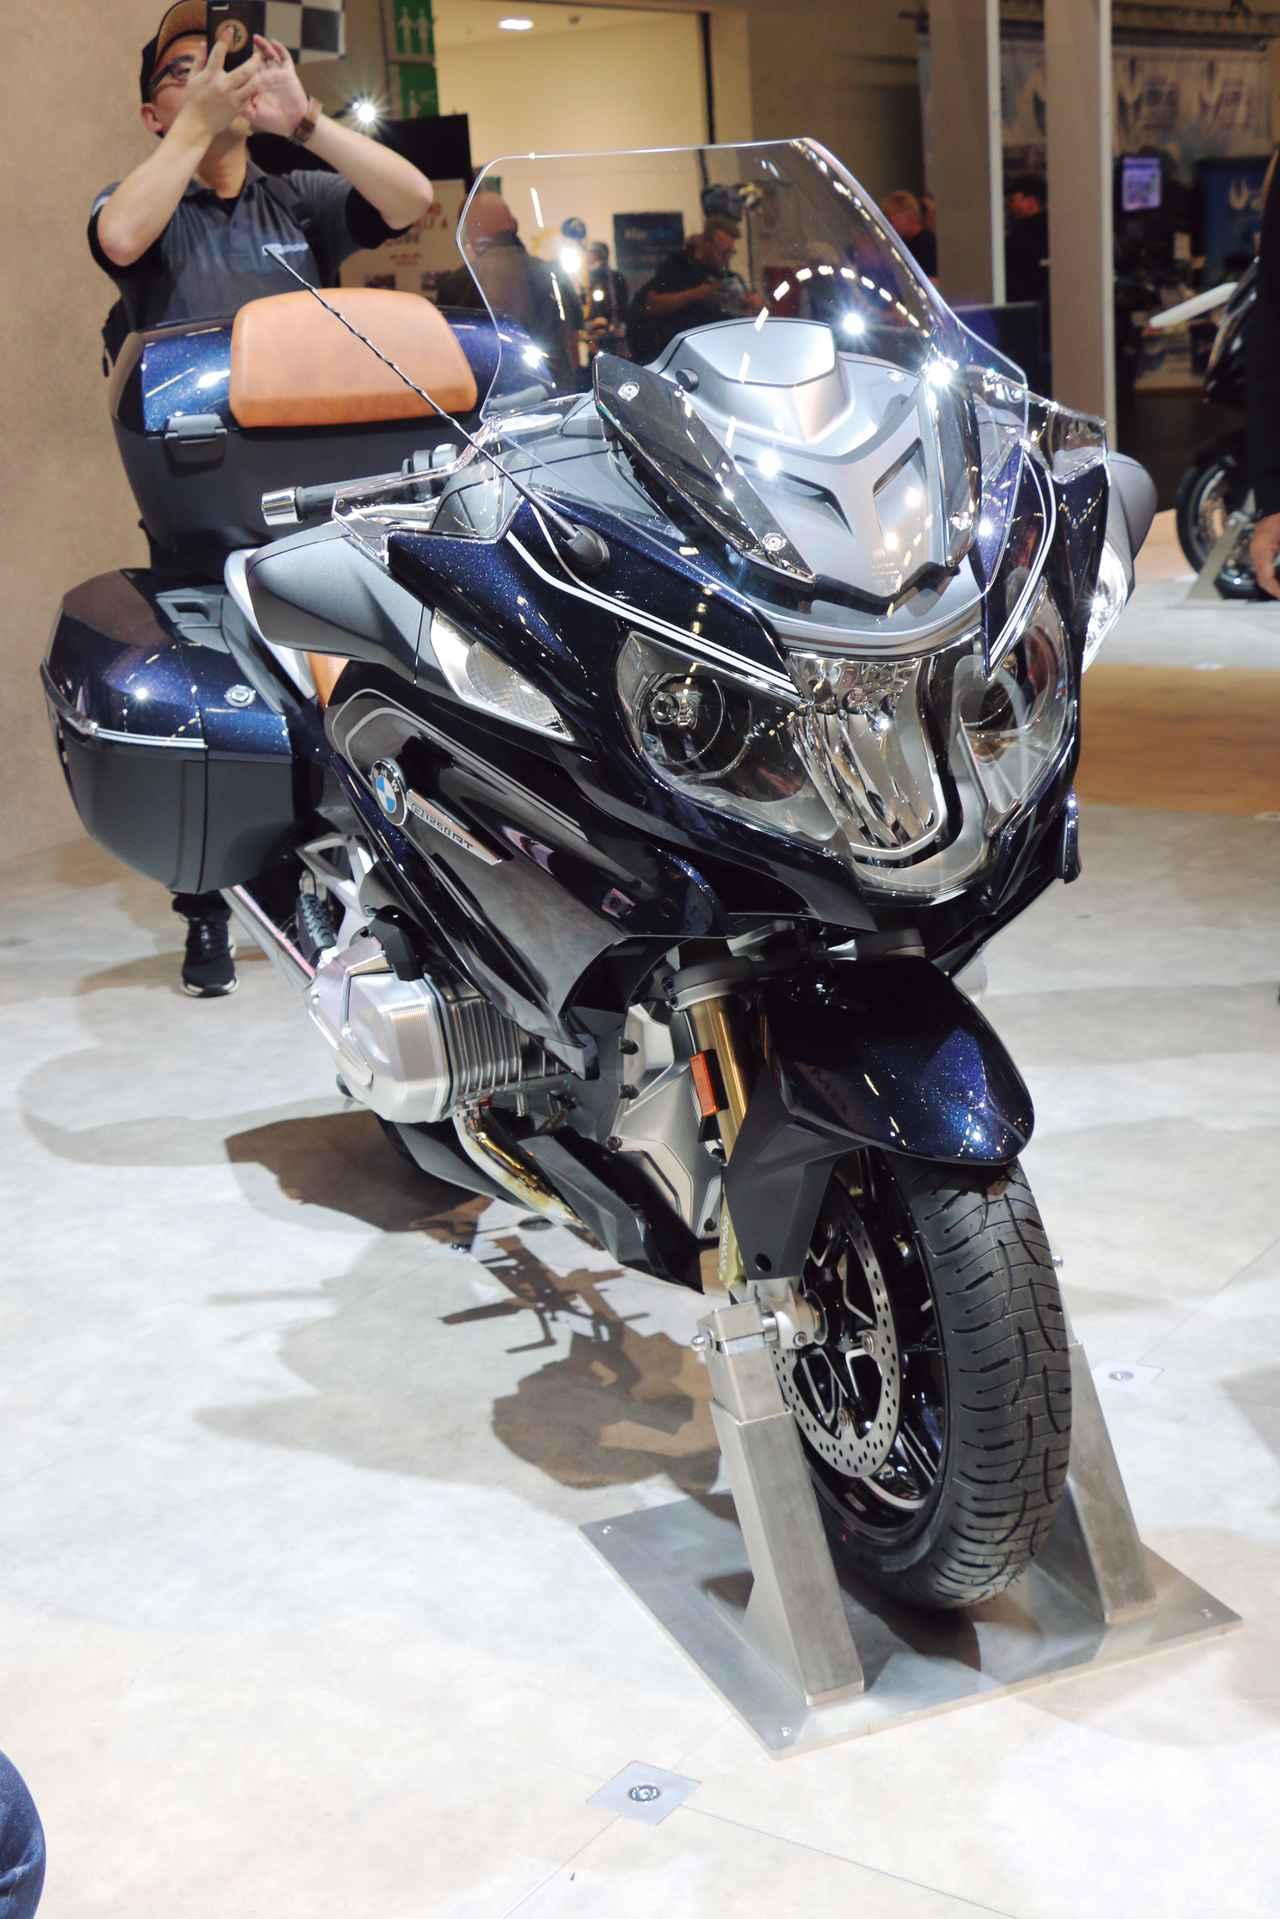 Images : 9番目の画像 - 「伝統のフラットツインを大幅に改良したツーリングモデルの最高峰『BMW R1250RT』」のアルバム - webオートバイ